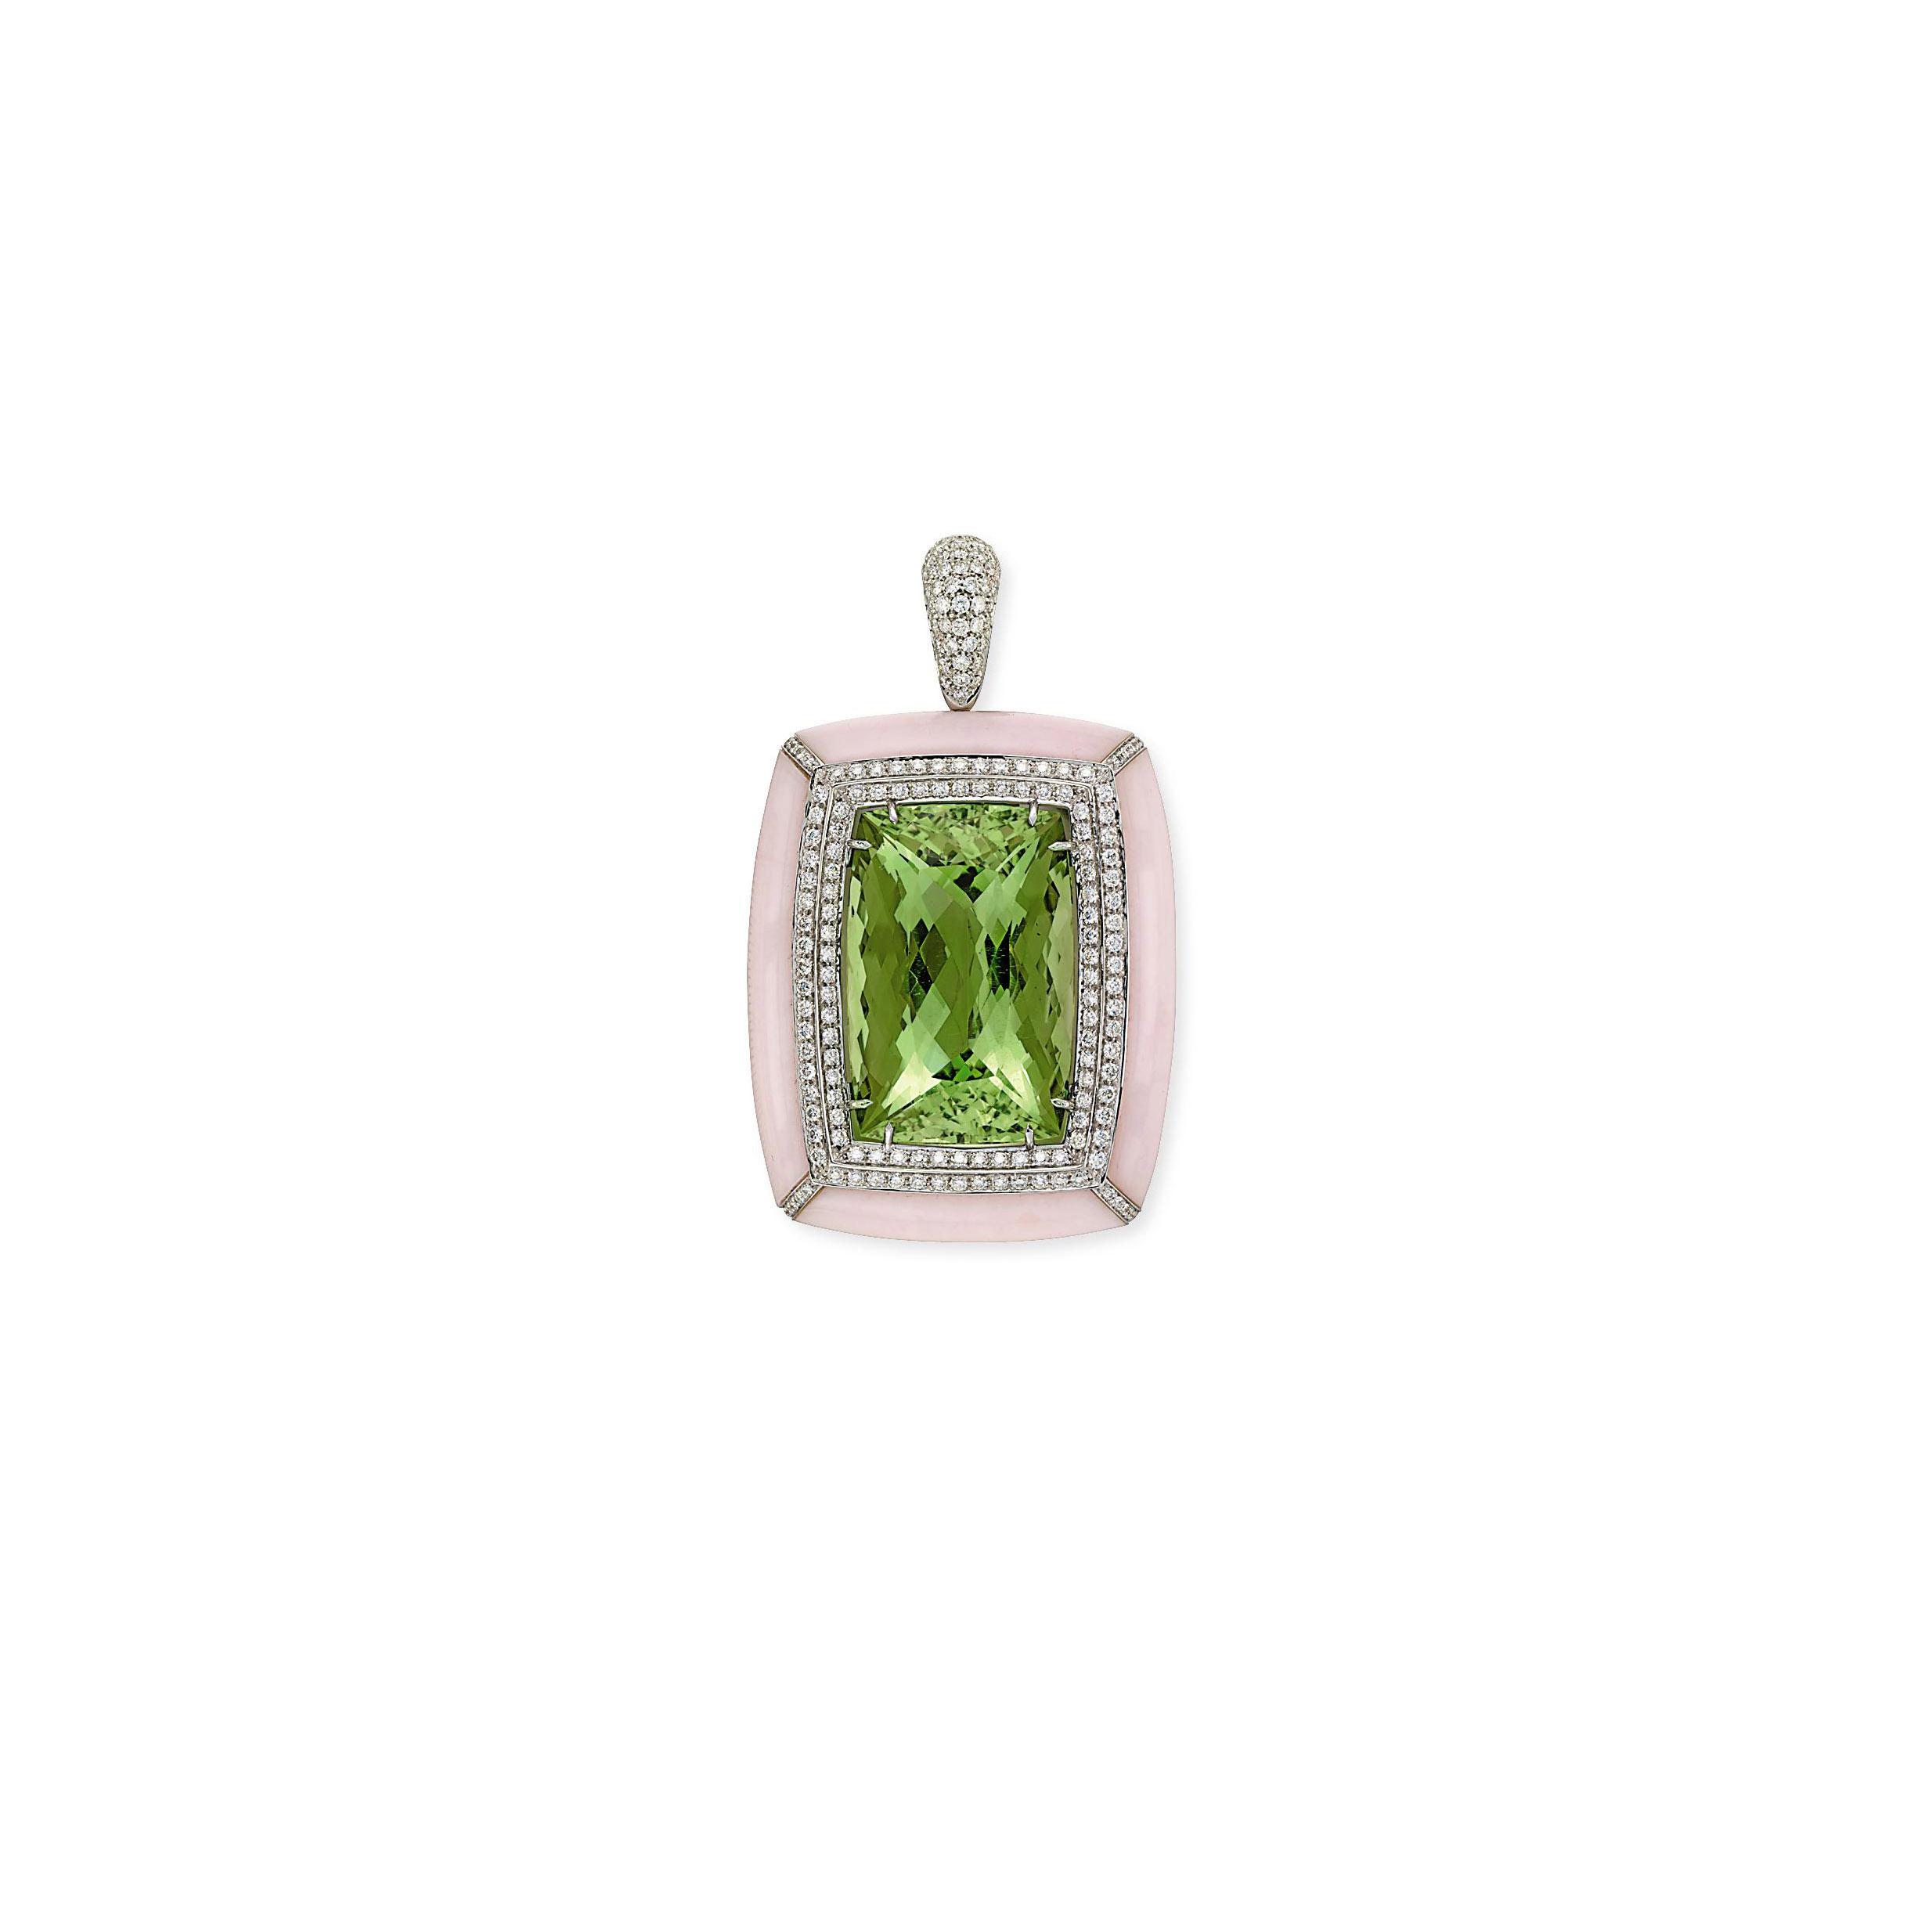 A DIAMOND, BERYL AND OPAL PENDANT, BY MARGHARITA BURGENER